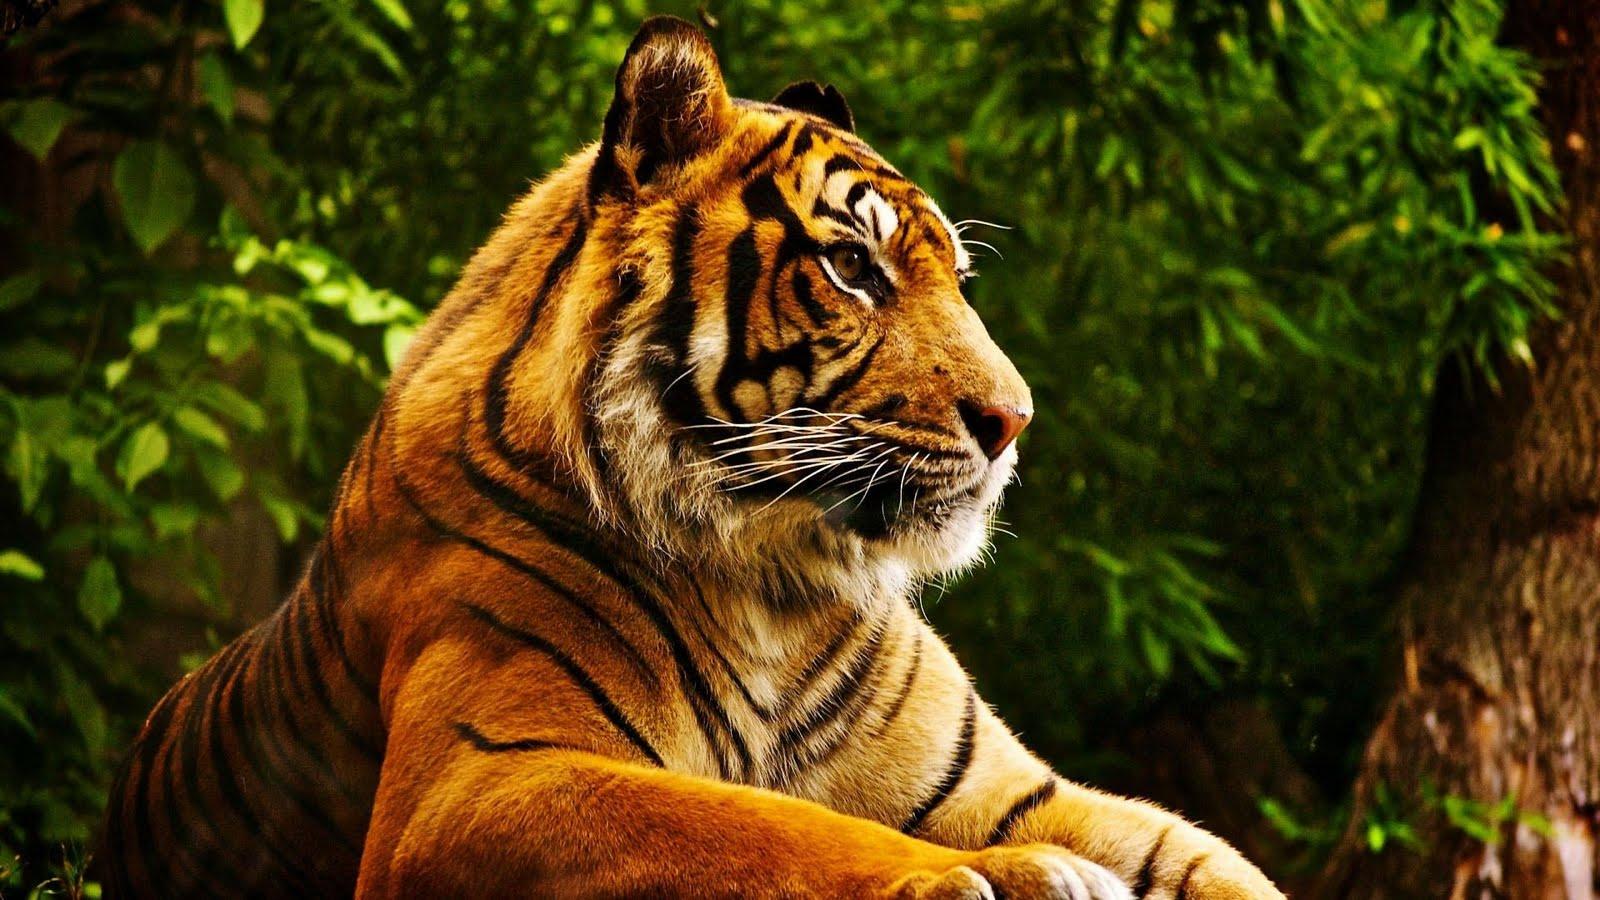 tiger_hd-1920x1080